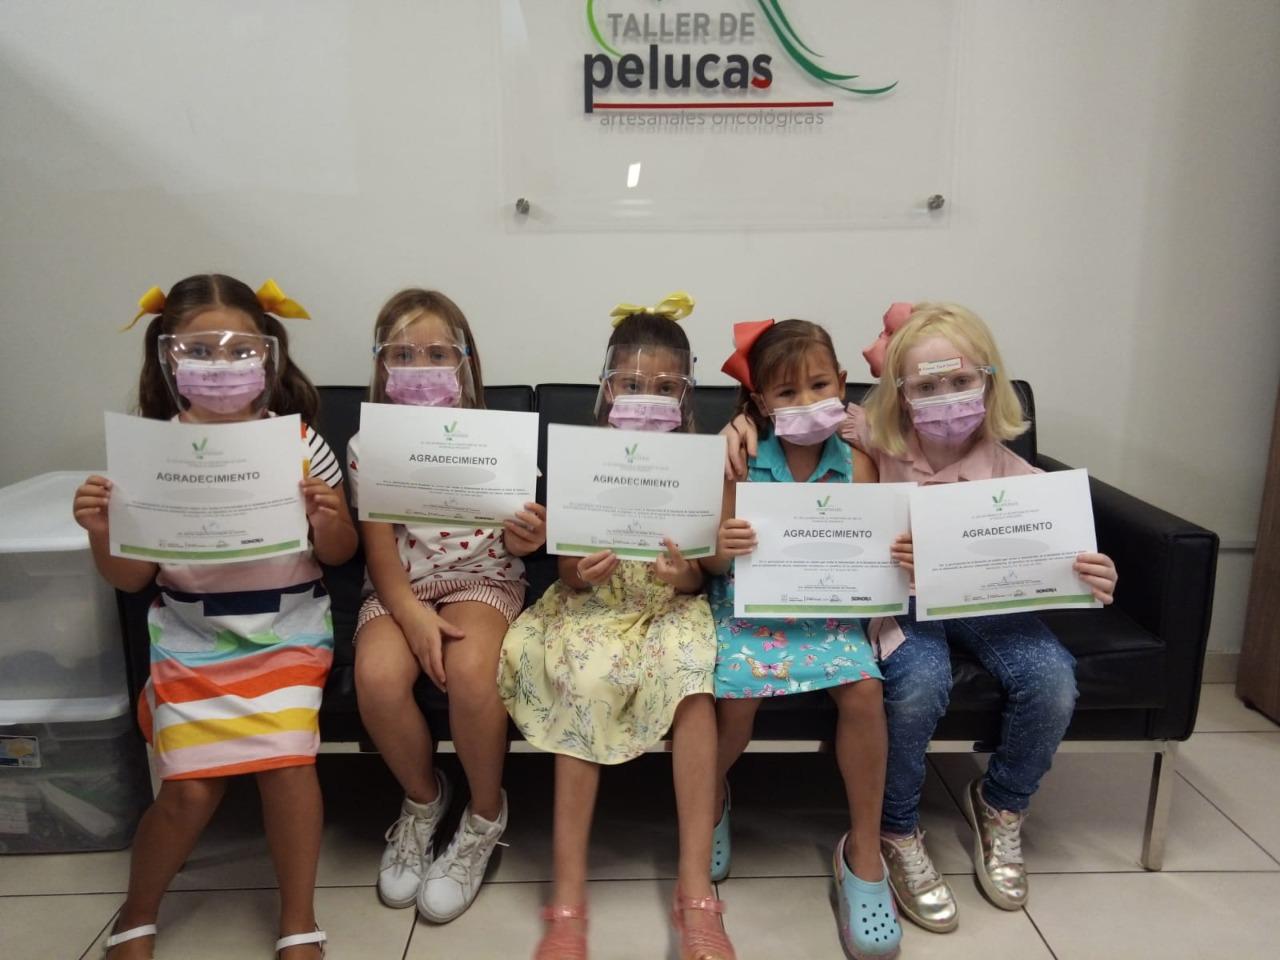 ás de 2000 donaciones de cabello ha recibido el Taller de Pelucas Artesanales de Salud Sonora